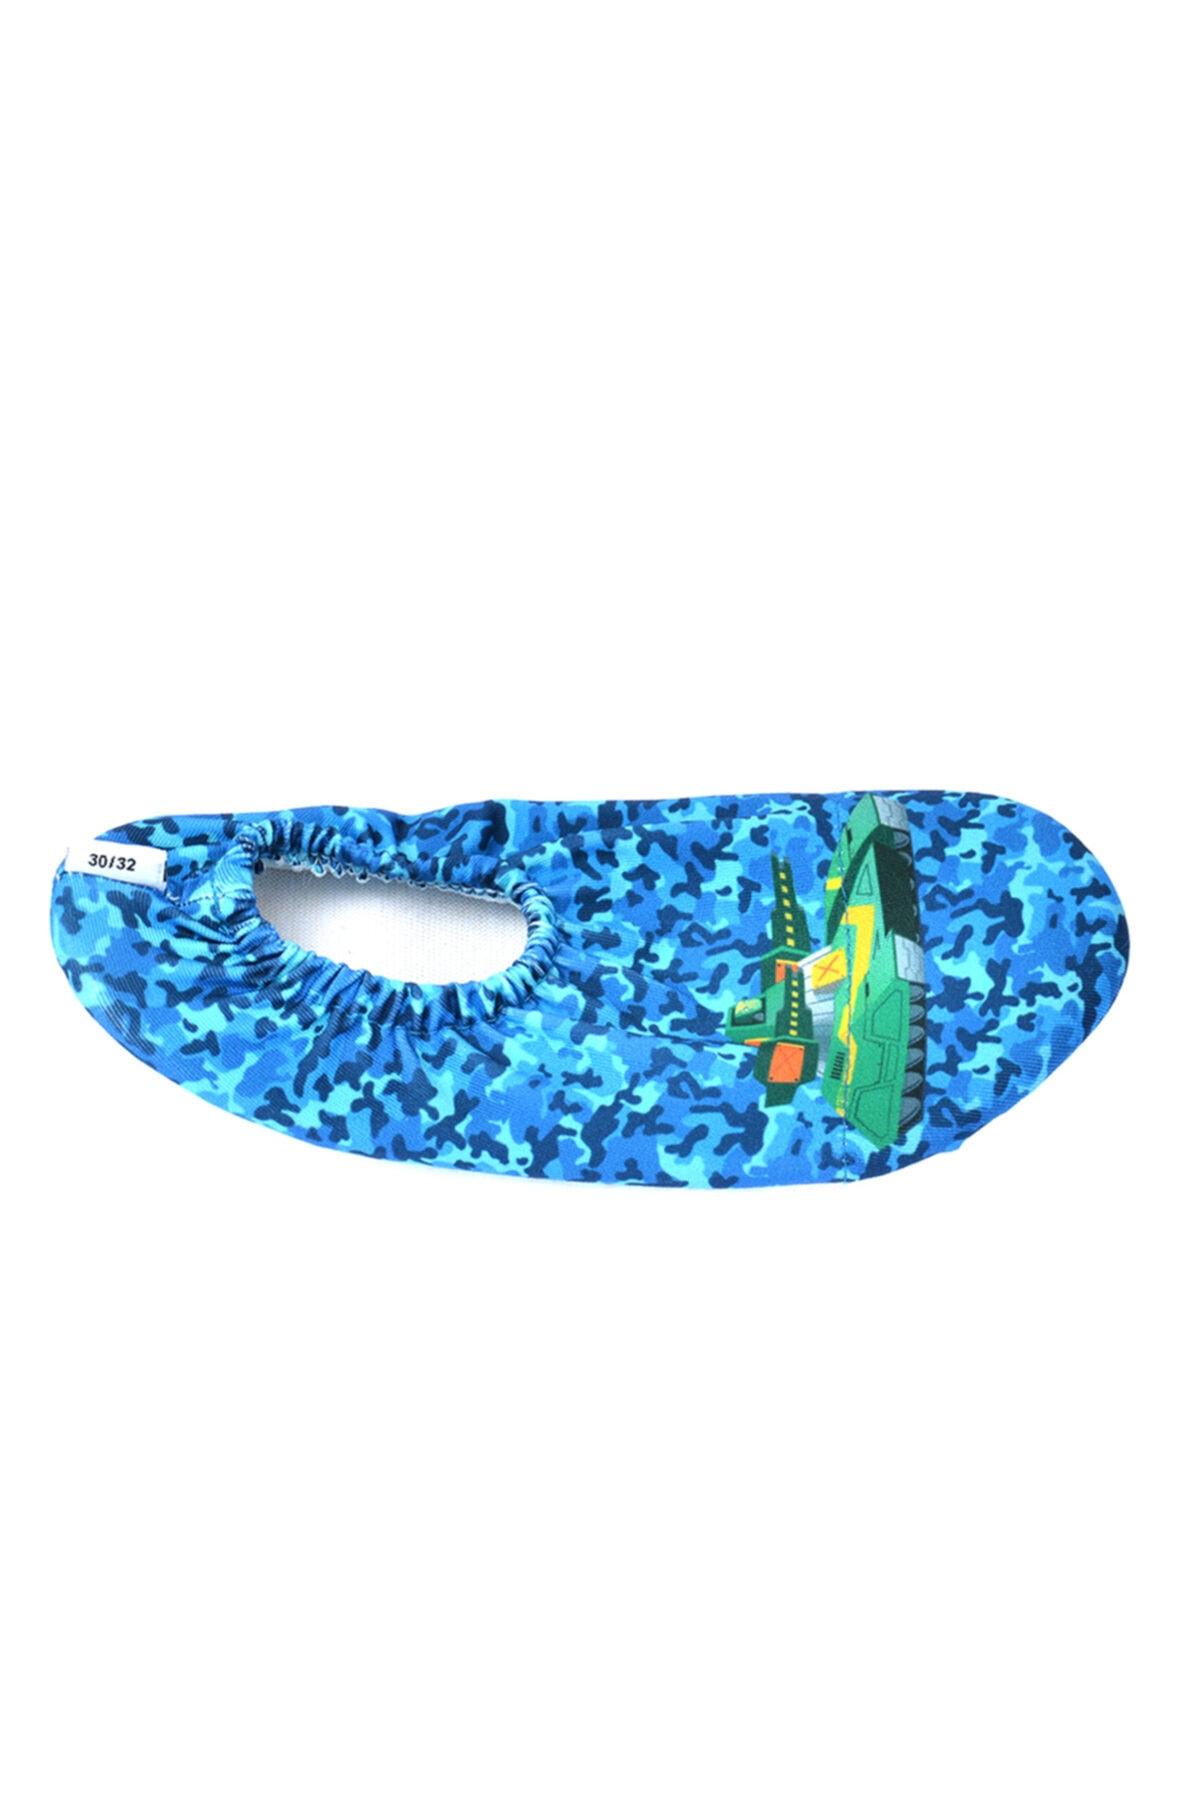 IGOR Çocuk Deniz Ayakkabısı 2